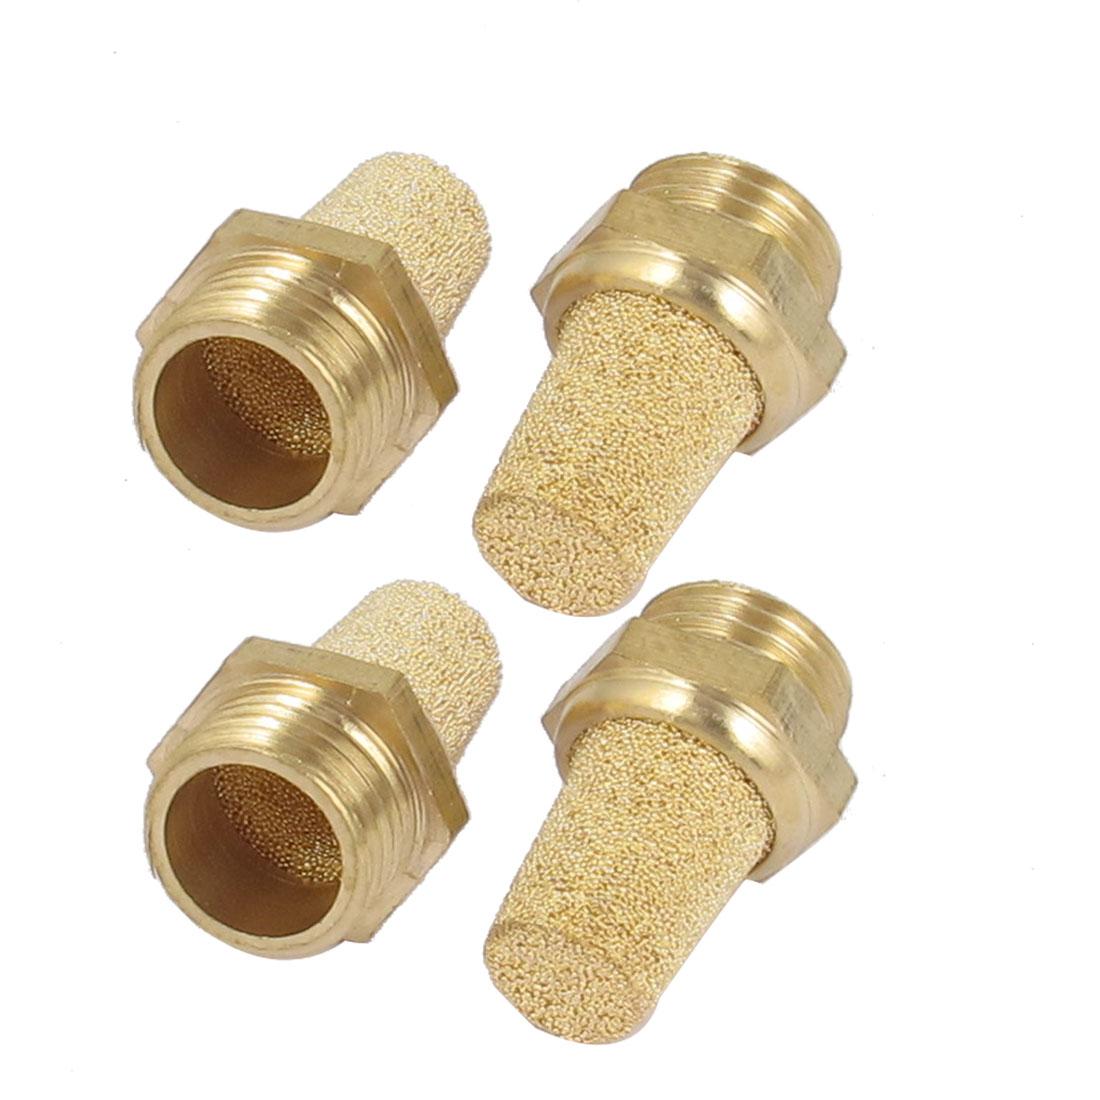 1/4BSP Thread Sintered Bronze Pneumatic Air Exhaust Silencer Muffler 4pcs